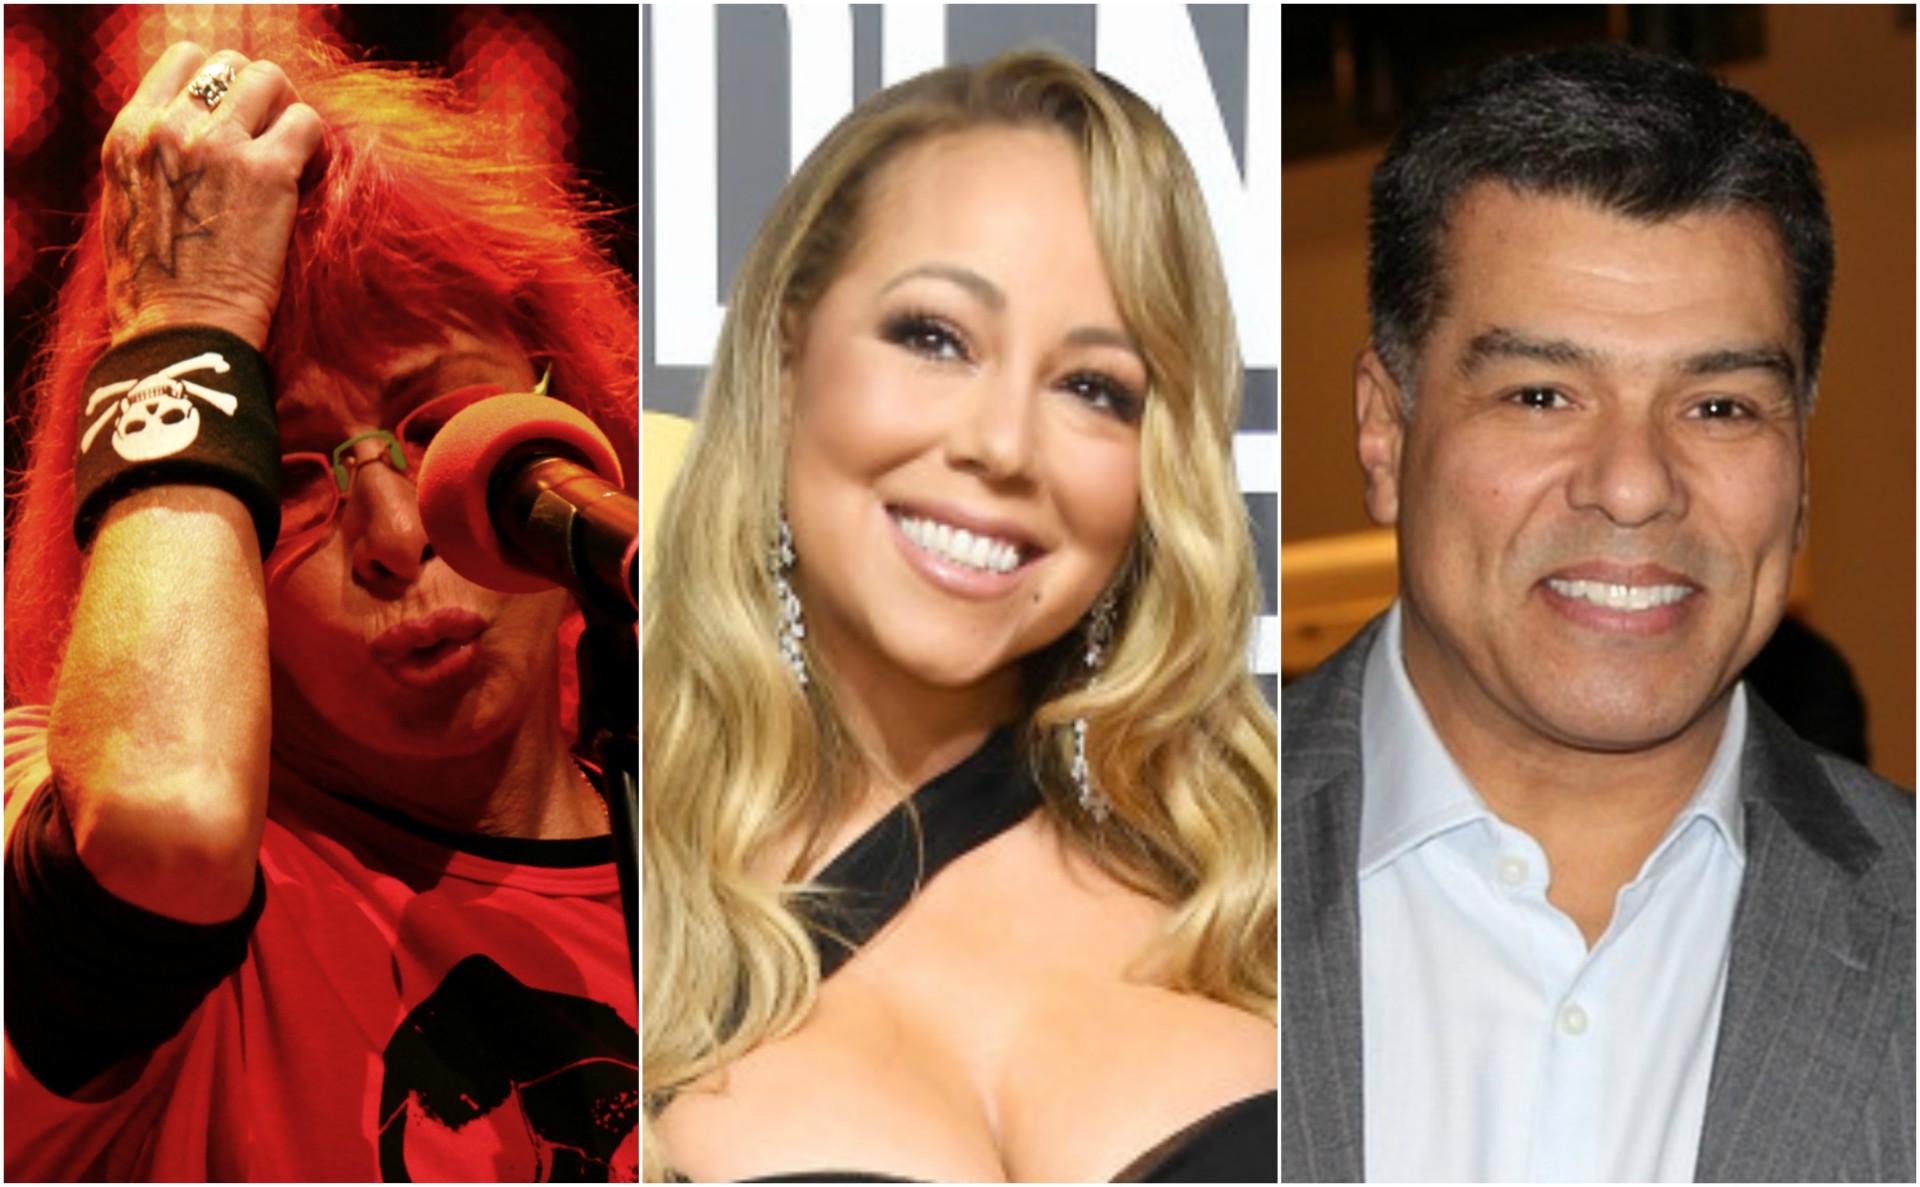 Conheça os famosos que sofrem de transtorno bipolar